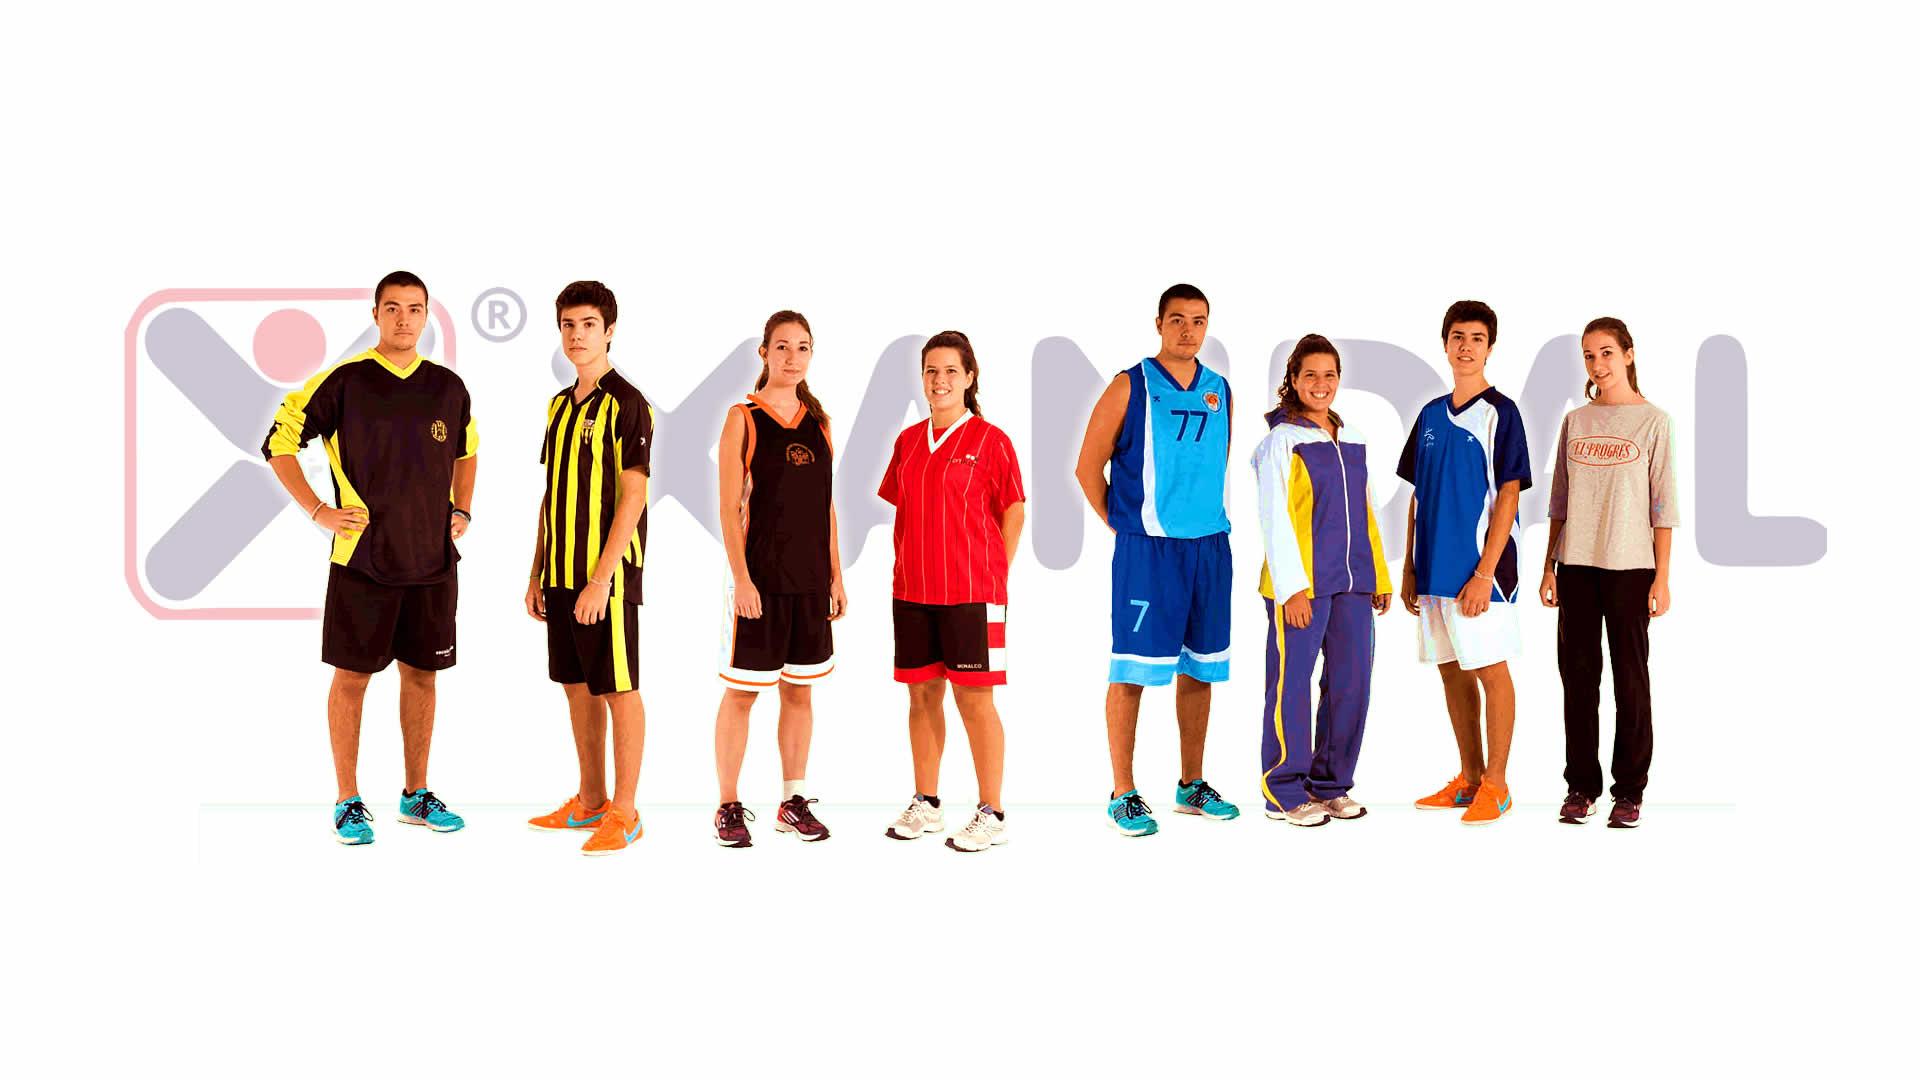 xandal.com-xandal.com-slide01 Su equipación escolar y equipación deportiva a medida